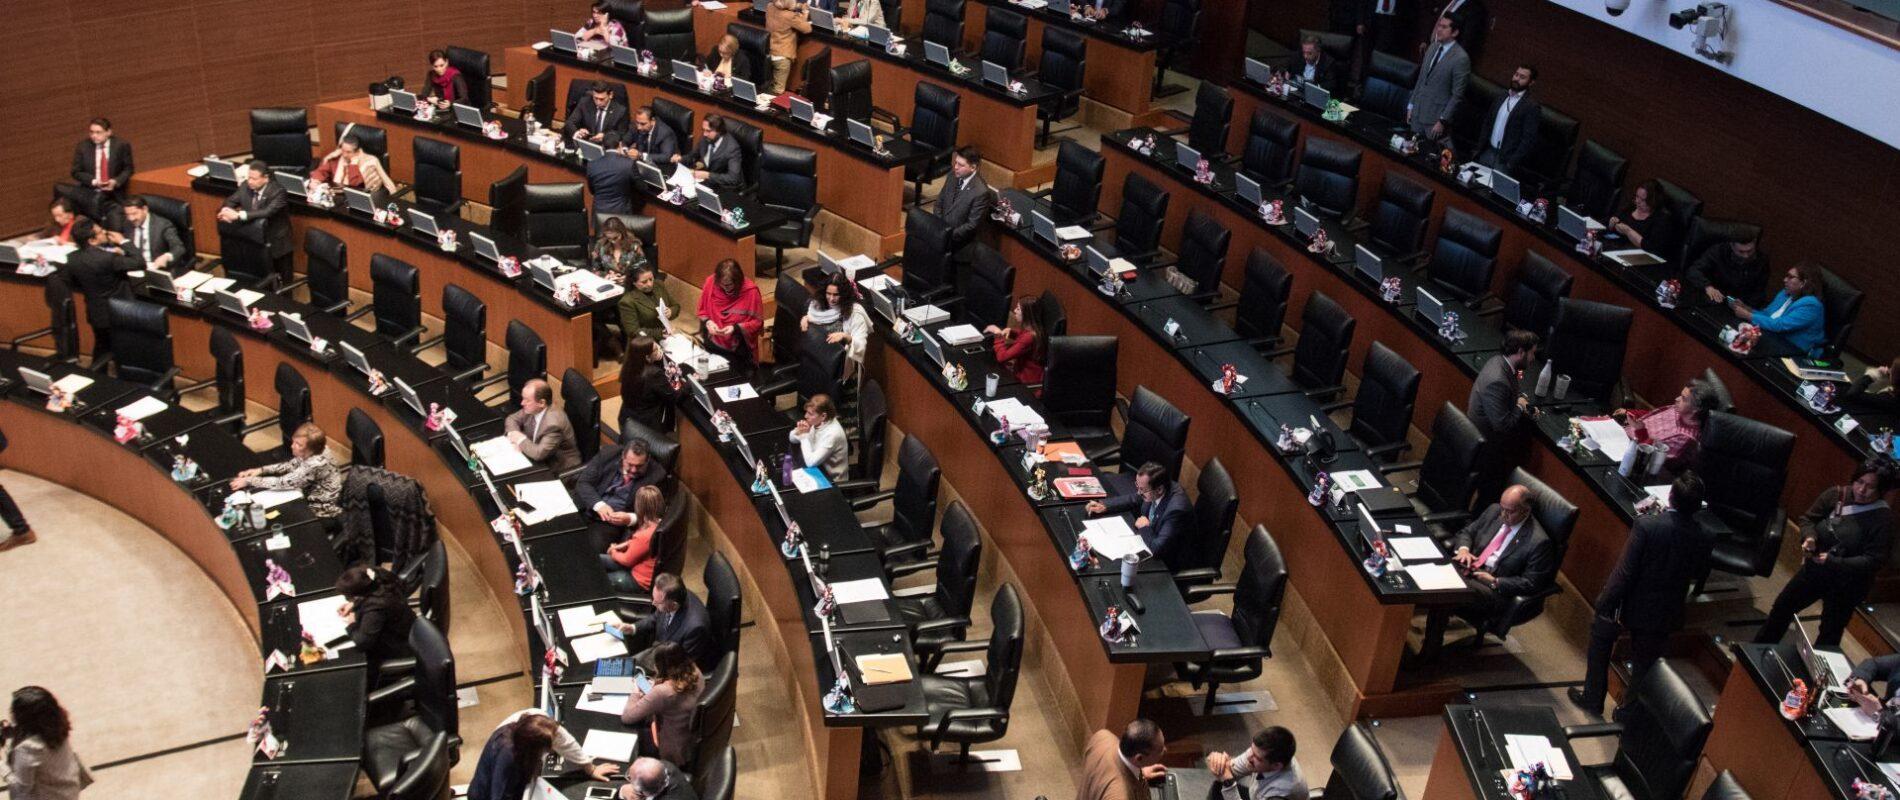 Senadores piden a AMLO reconsiderar asistir al Senado: 'Nadie tiene ni tendría por qué faltarle al respeto'